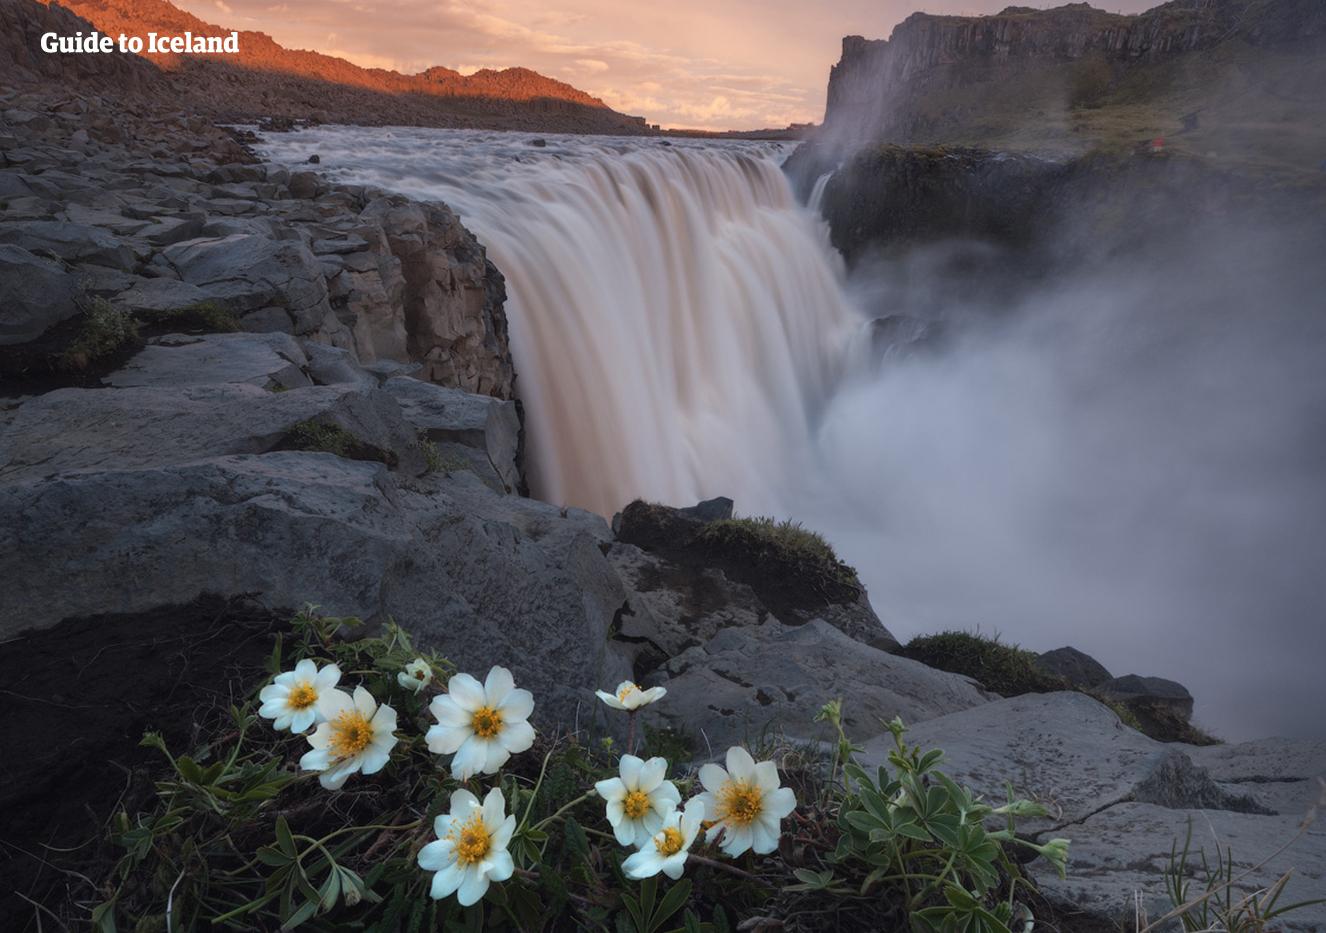 冰岛夏日的野花在冰岛北部黛提瀑布(Dettifoss)旁绽放